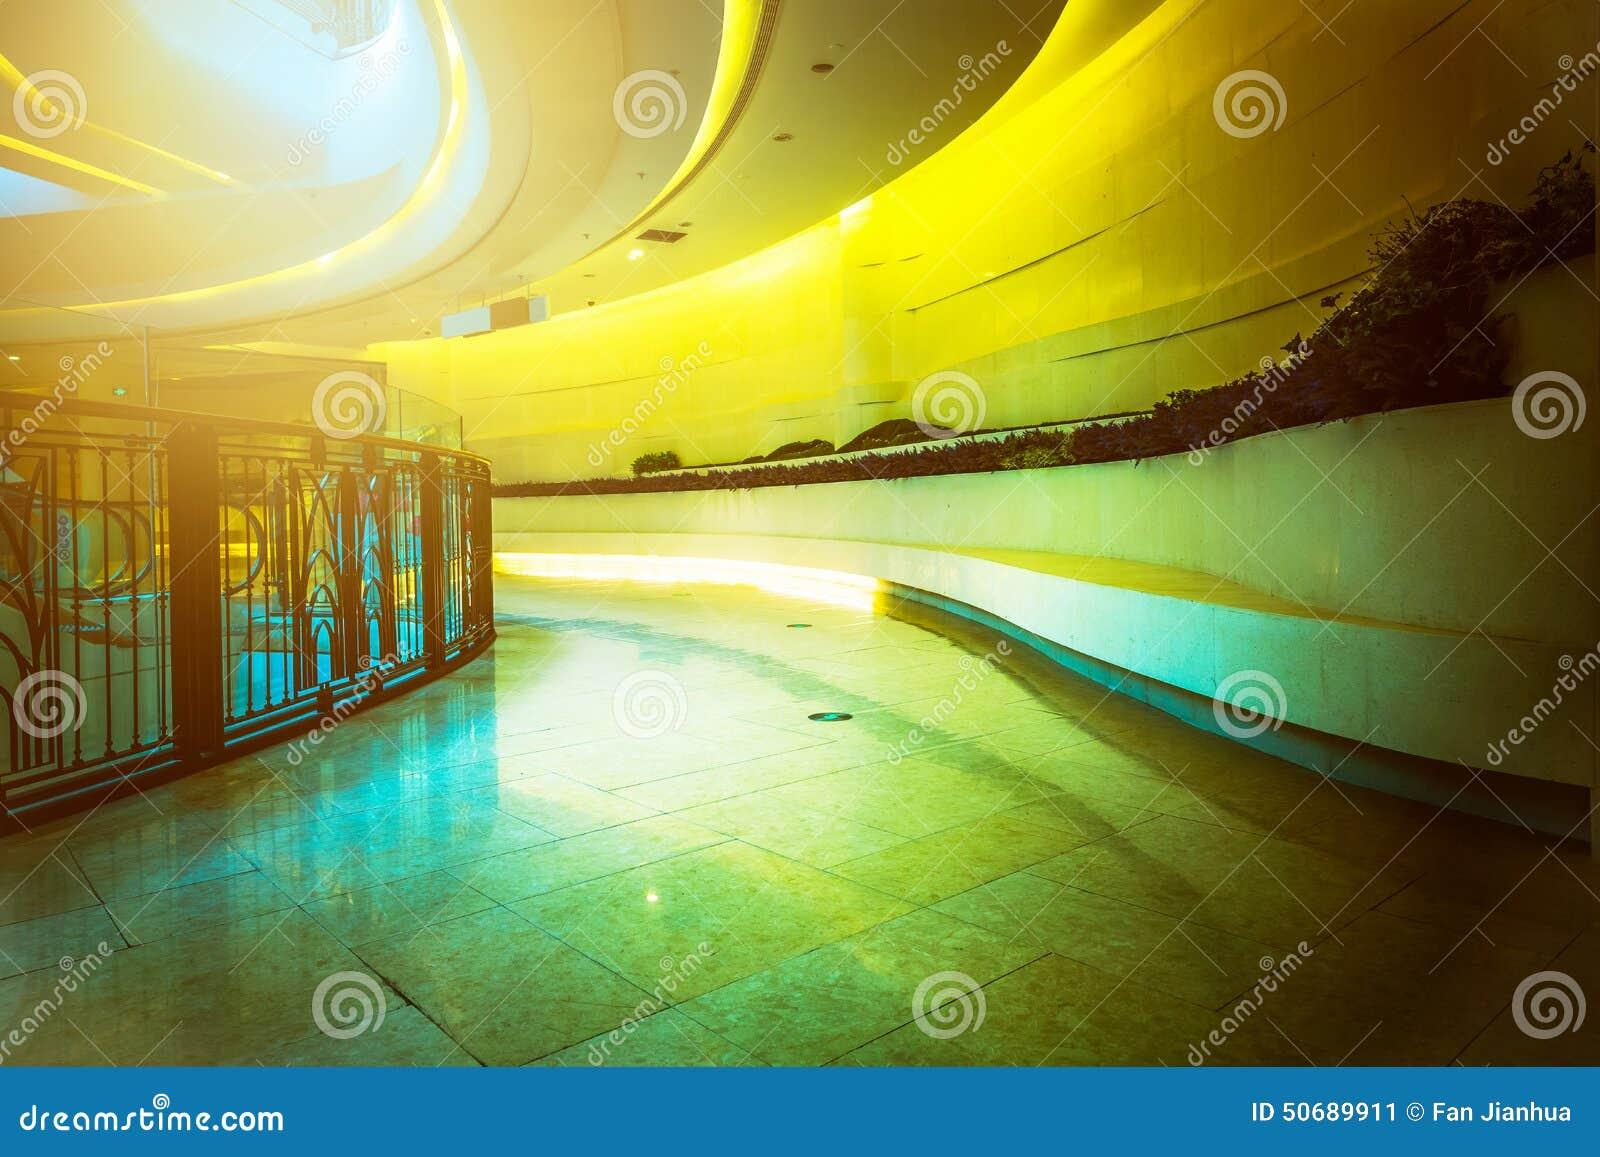 Download 现代大厦的内部结构 库存图片. 图片 包括有 豪华, 螺丝, 来回, 弯曲, 布哈拉, 柱子, 现代, 金黄 - 50689911